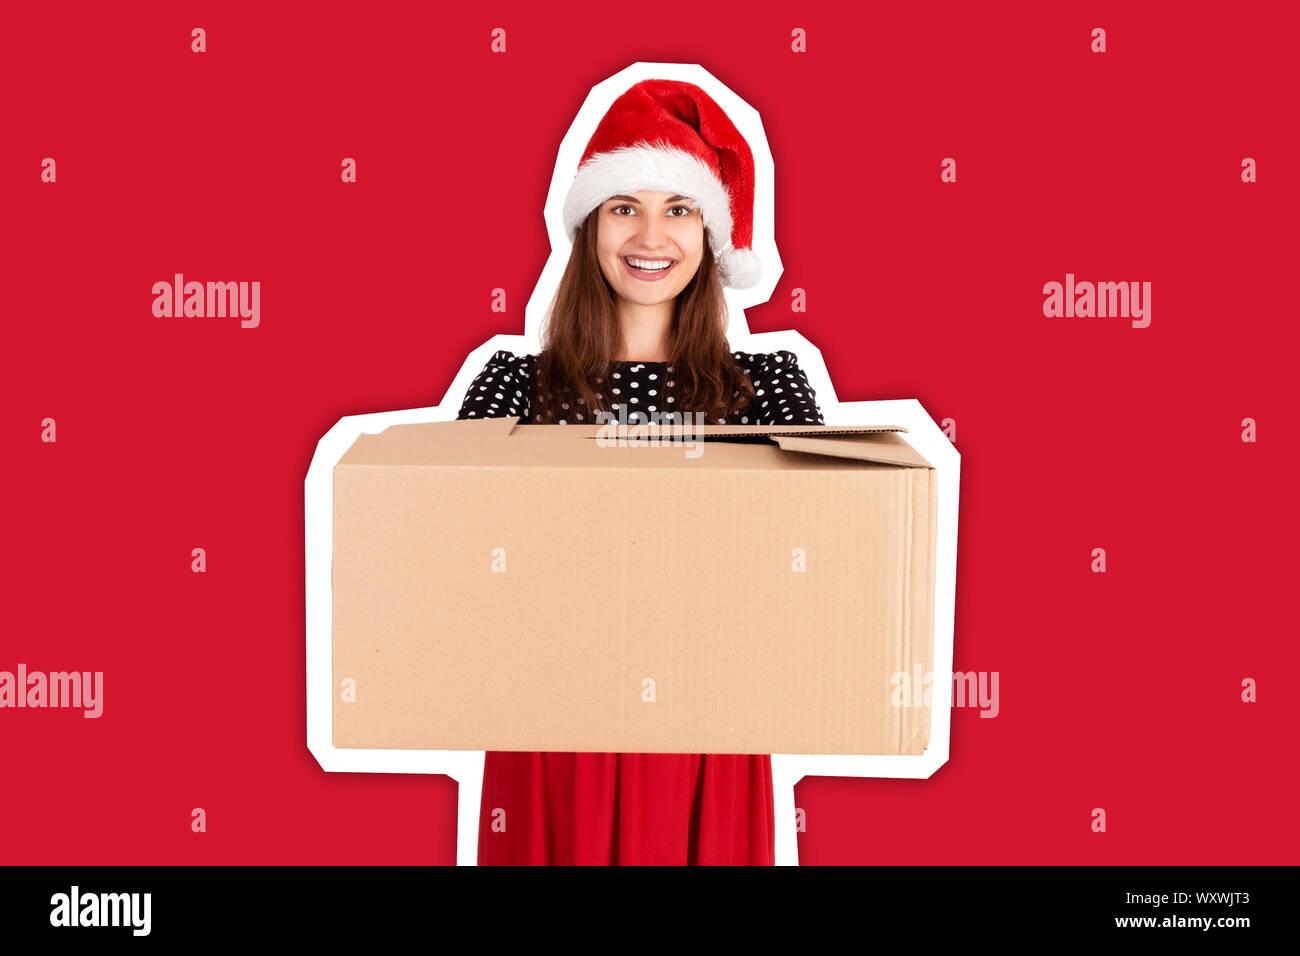 Alegre niña feliz navidad en hat dando una gran presencia de cartón con cinta azul. Revista estilo collage con fondo de color de moda. vacaciones conce Foto de stock